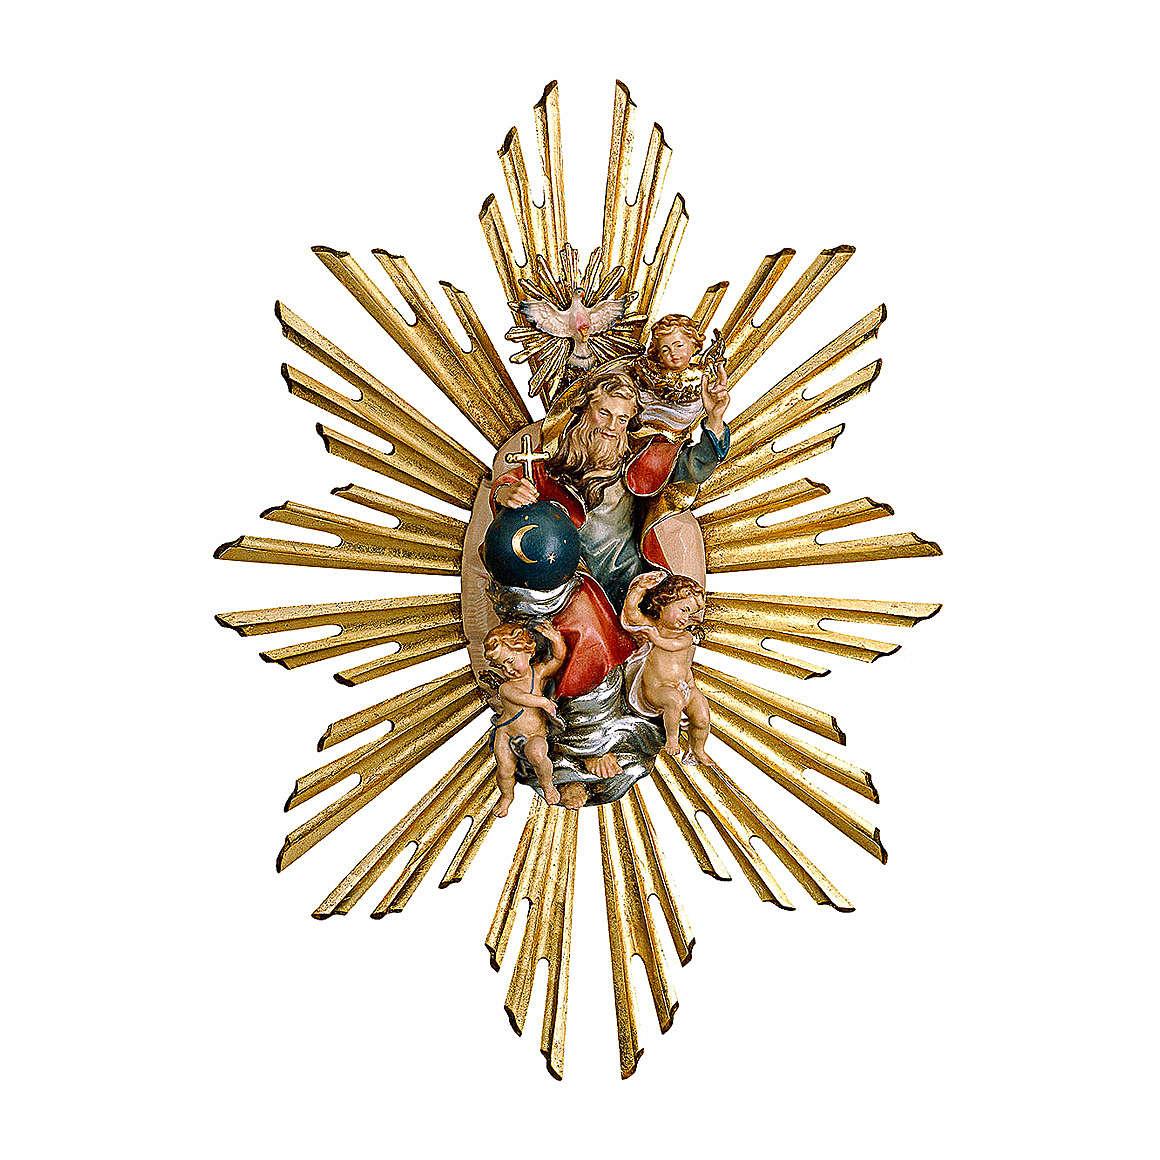 Imagen Dios Padre y Espíritu Santo en gloria con rayos belén Original Pastor madera pintada en Val Gardena 10 cm de altura media 4